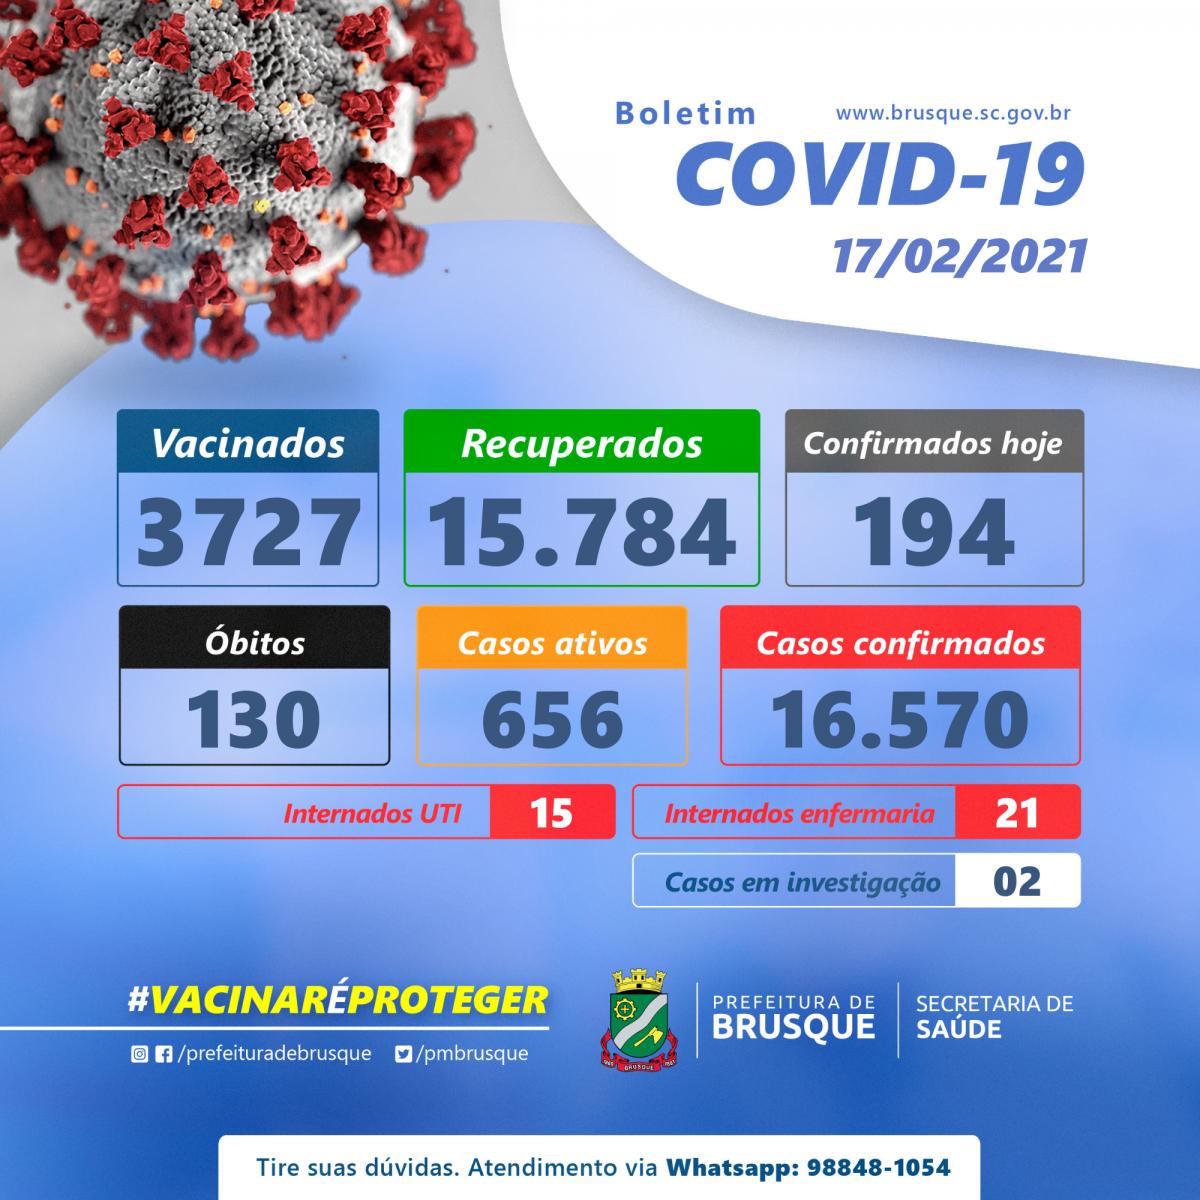 Boletim COVID-19 e números do Centro de Triagem desta quarta-feira (17)